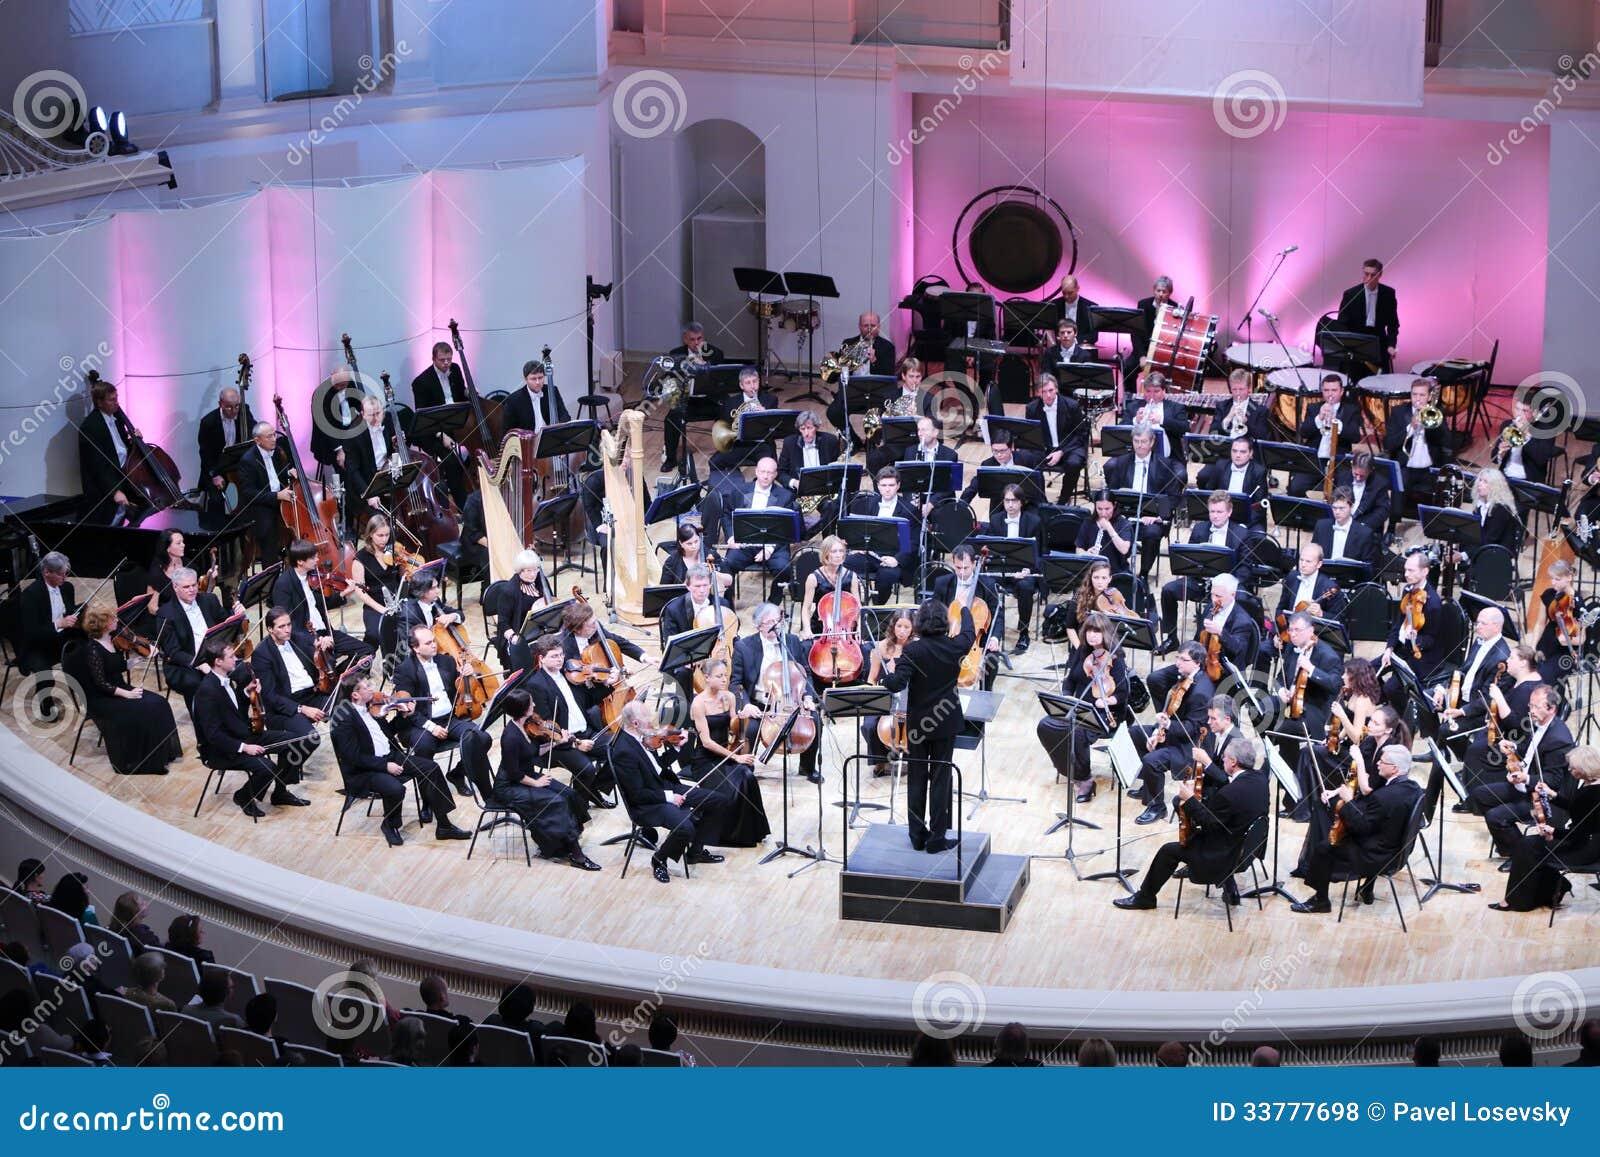 IV festival grand de l orchestre national russe